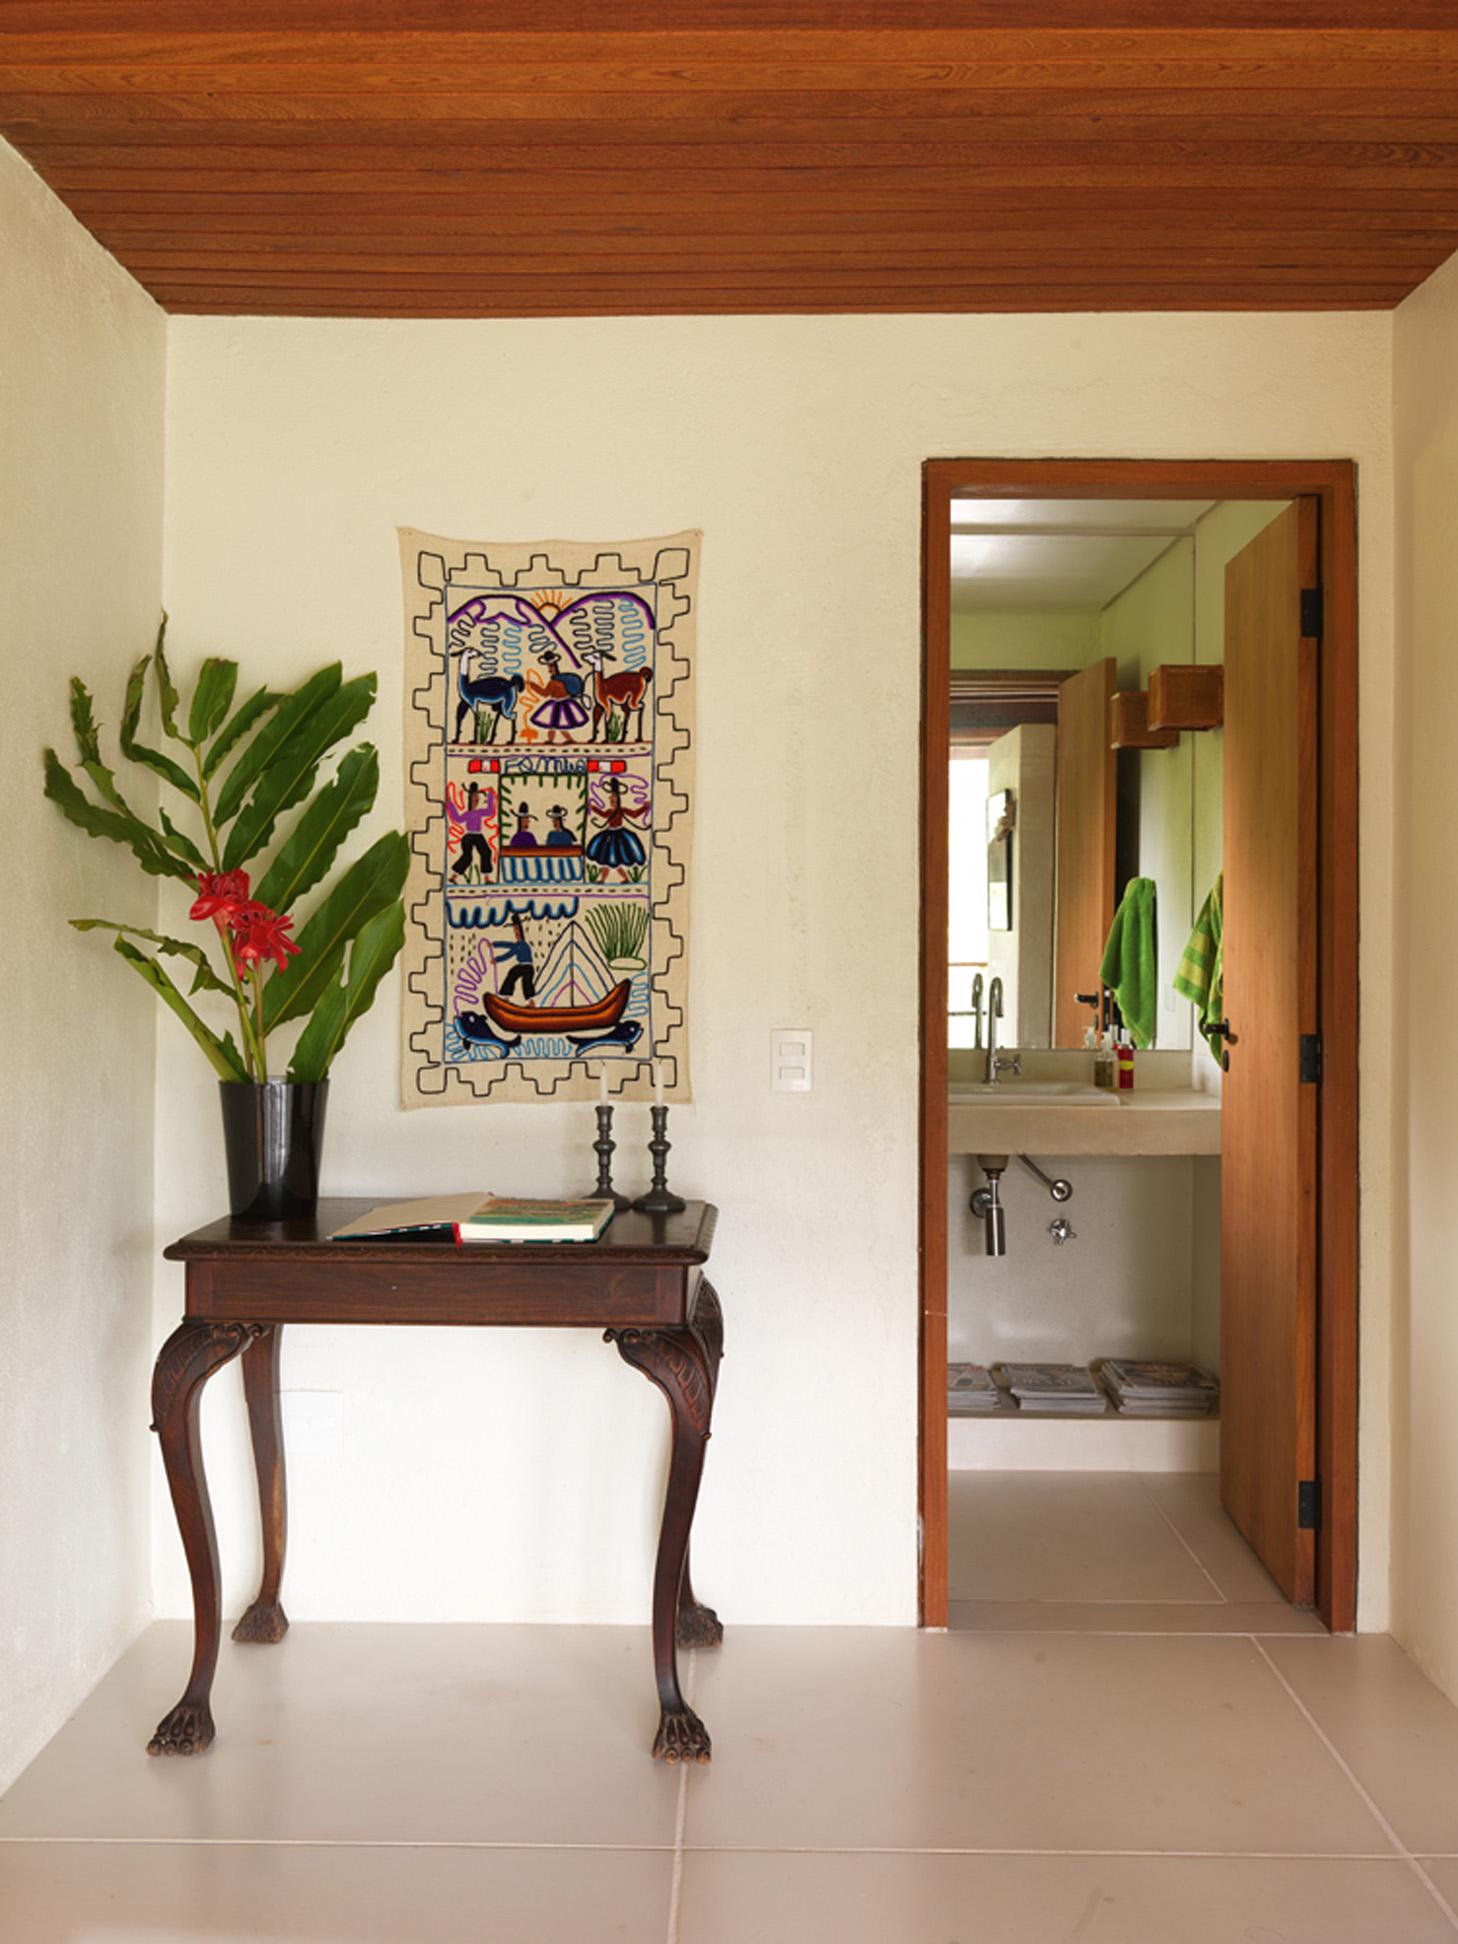 Cantinho: A mesinha é herança de família e a tapeçaria foi trazida de El Calafate, na Patagônia argentina